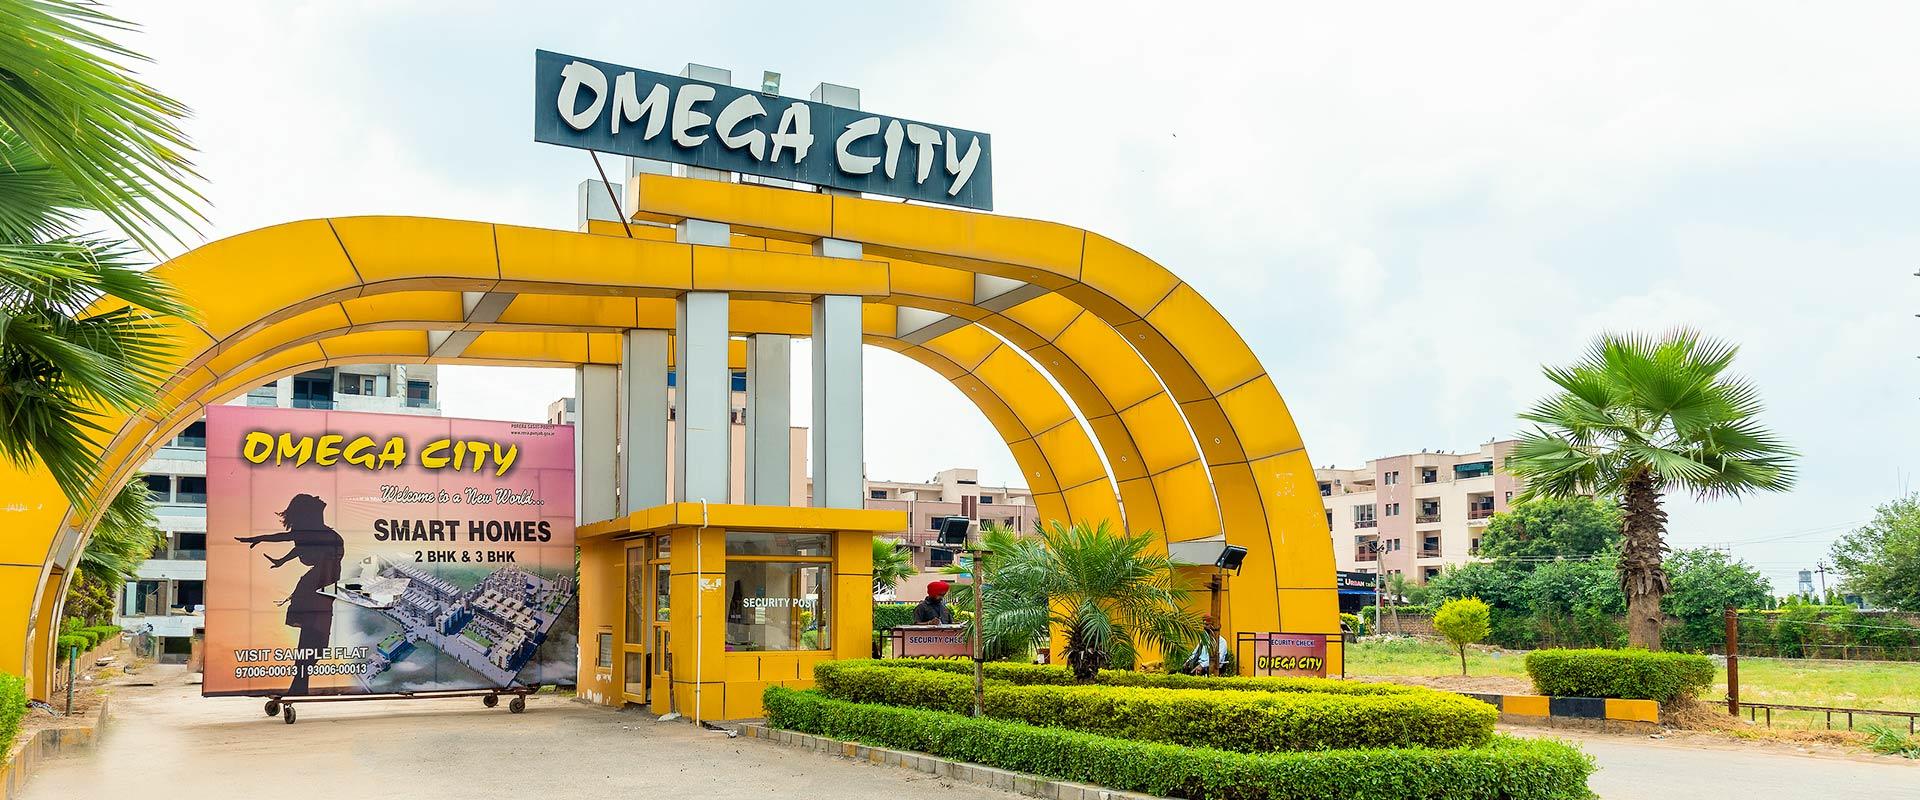 omega city banner